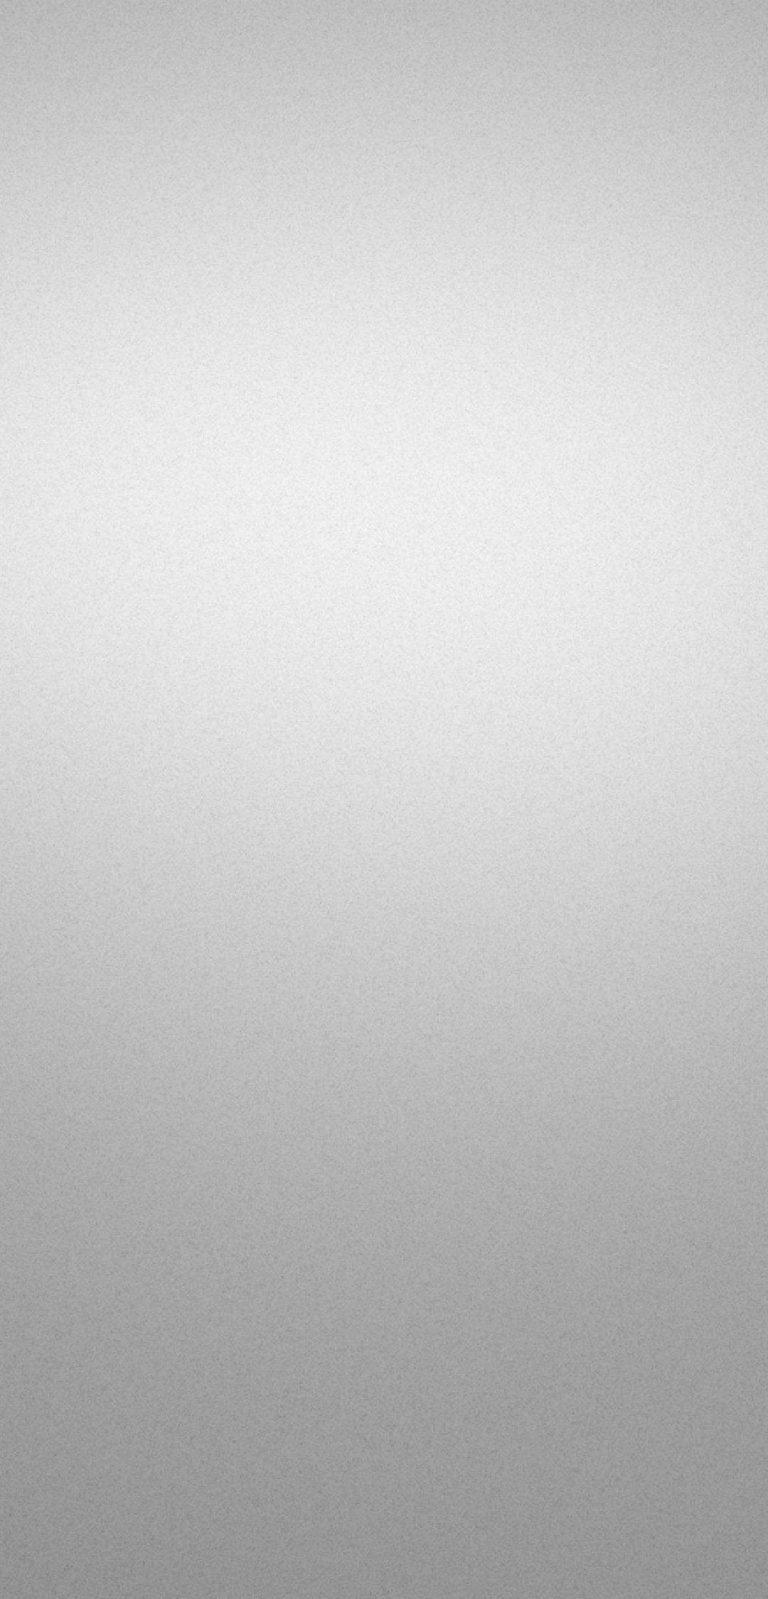 1080x2248 Wallpaper 270 768x1599